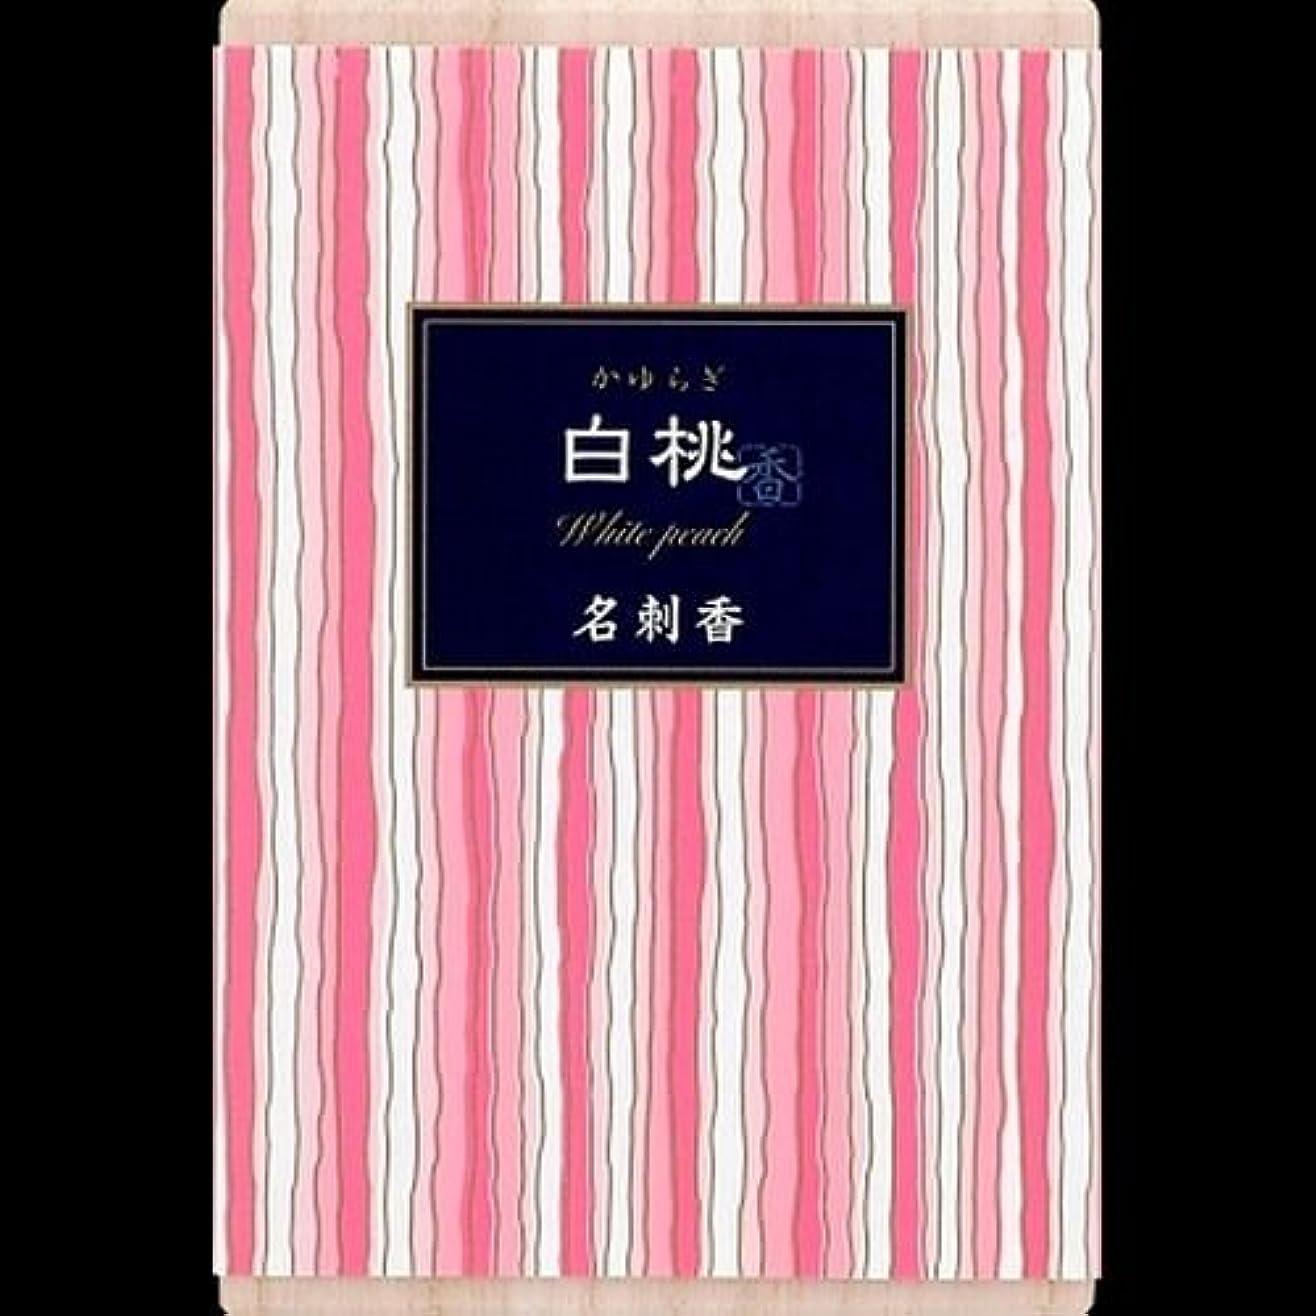 議題学者鼻【まとめ買い】かゆらぎ 白桃 名刺香 桐箱 6入 ×2セット